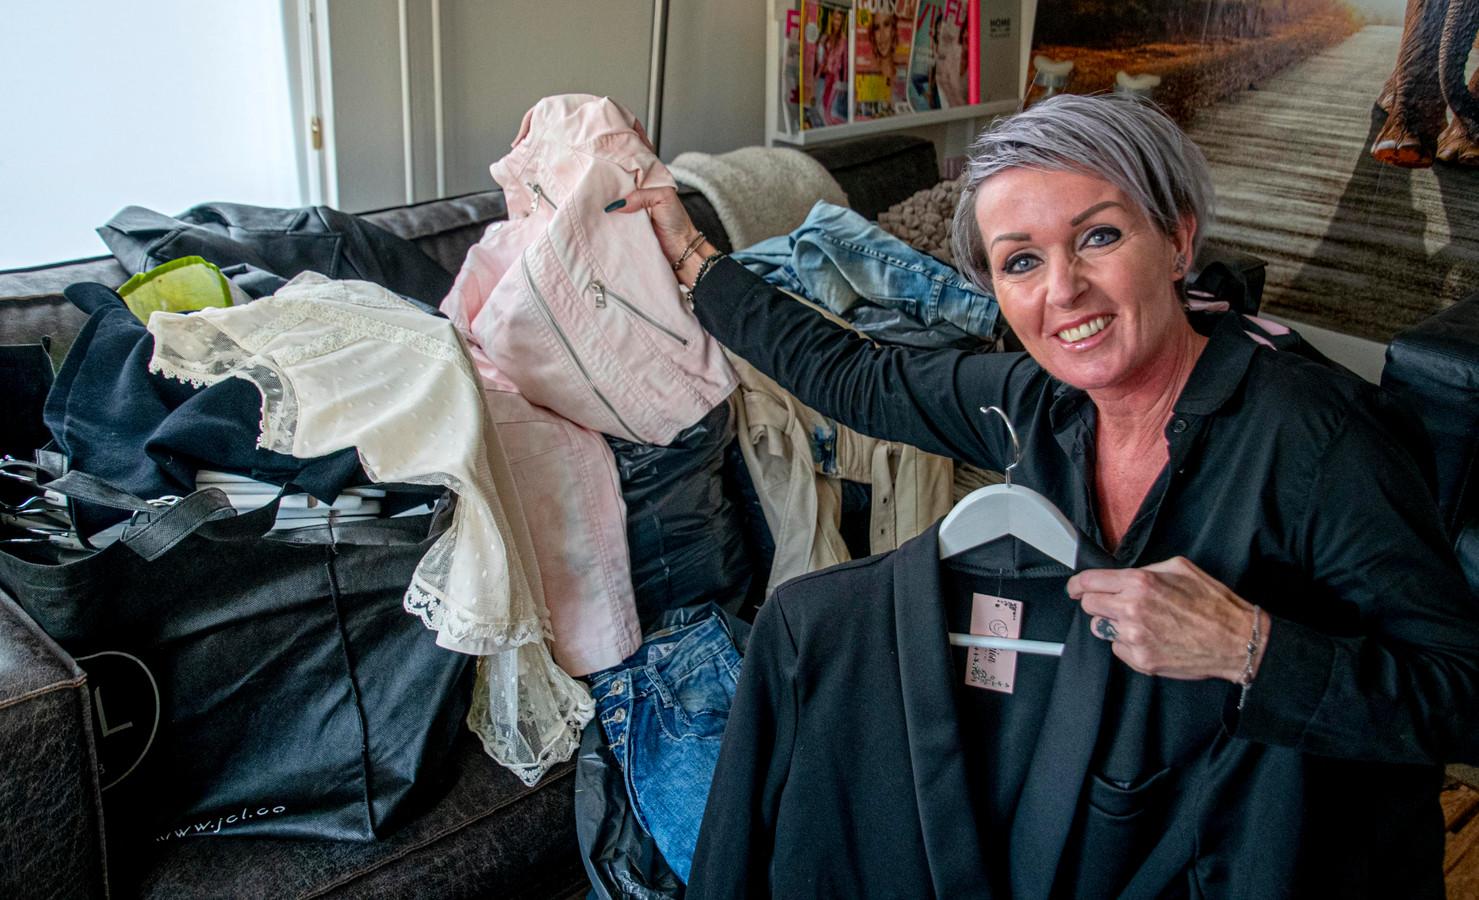 Twee jaar geleden sloot Linda Steijlen haar winkel in Tilburg, omdat ze ziek werd. Nu deelt ze gratis de hele inboedel uit.